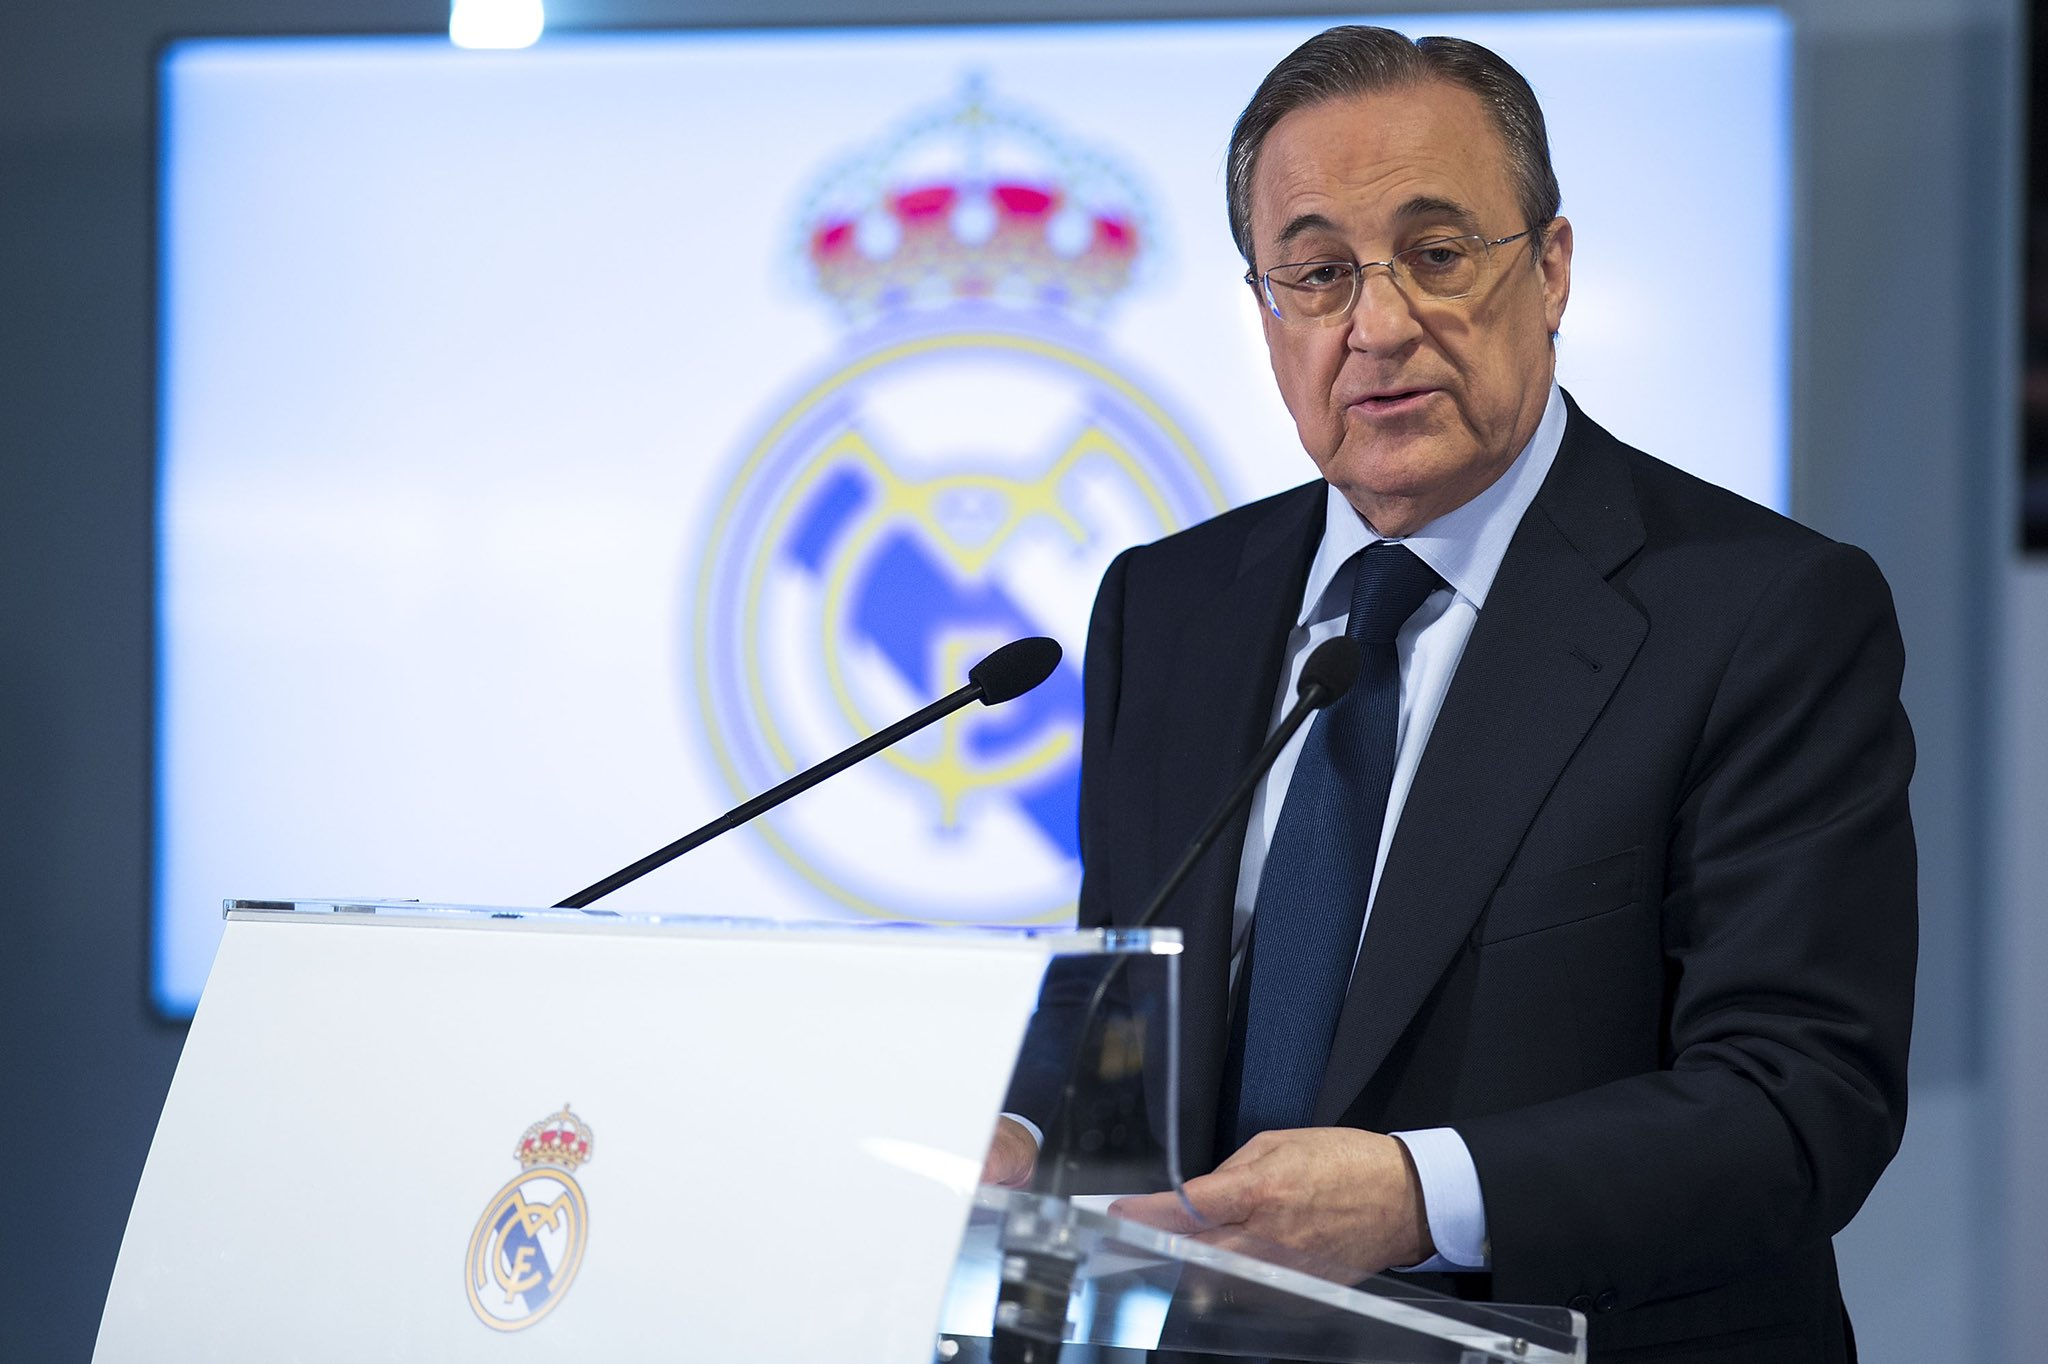 """تسريبات صوتية تضع رئيس ريال مدريد """"بيريز"""" في فضيحة مدوية"""